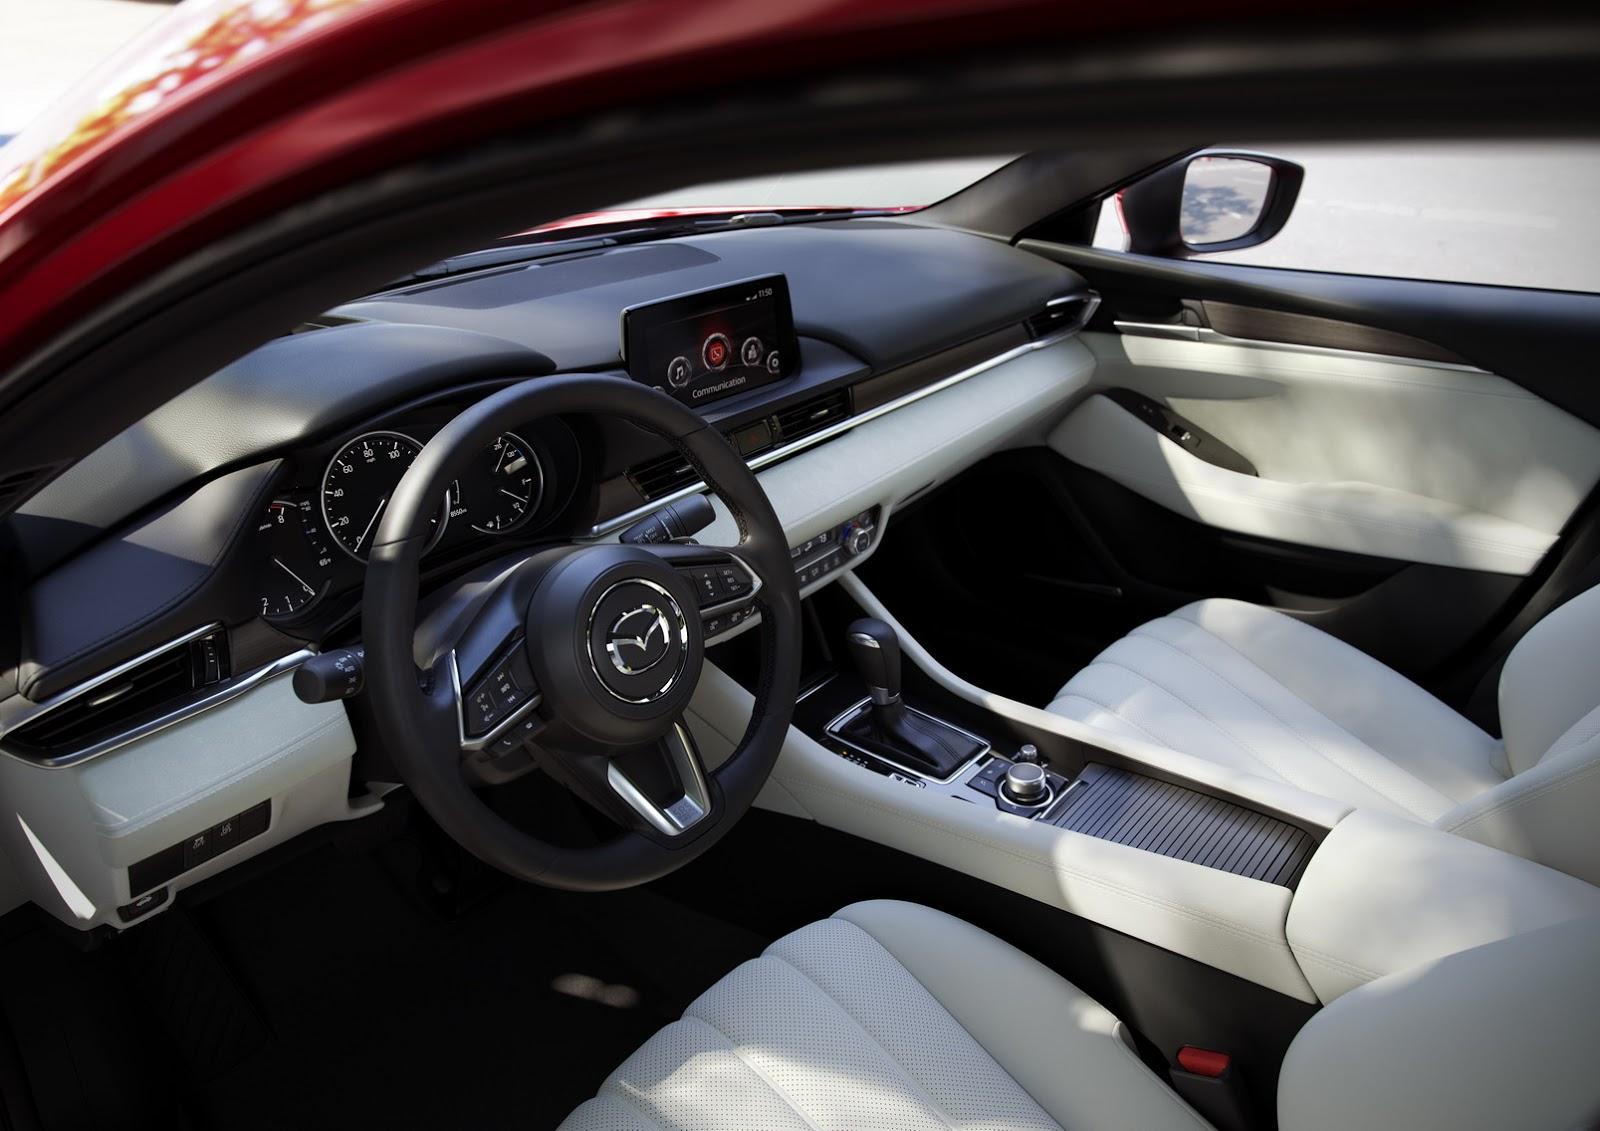 2019-Mazda6-12.jpg